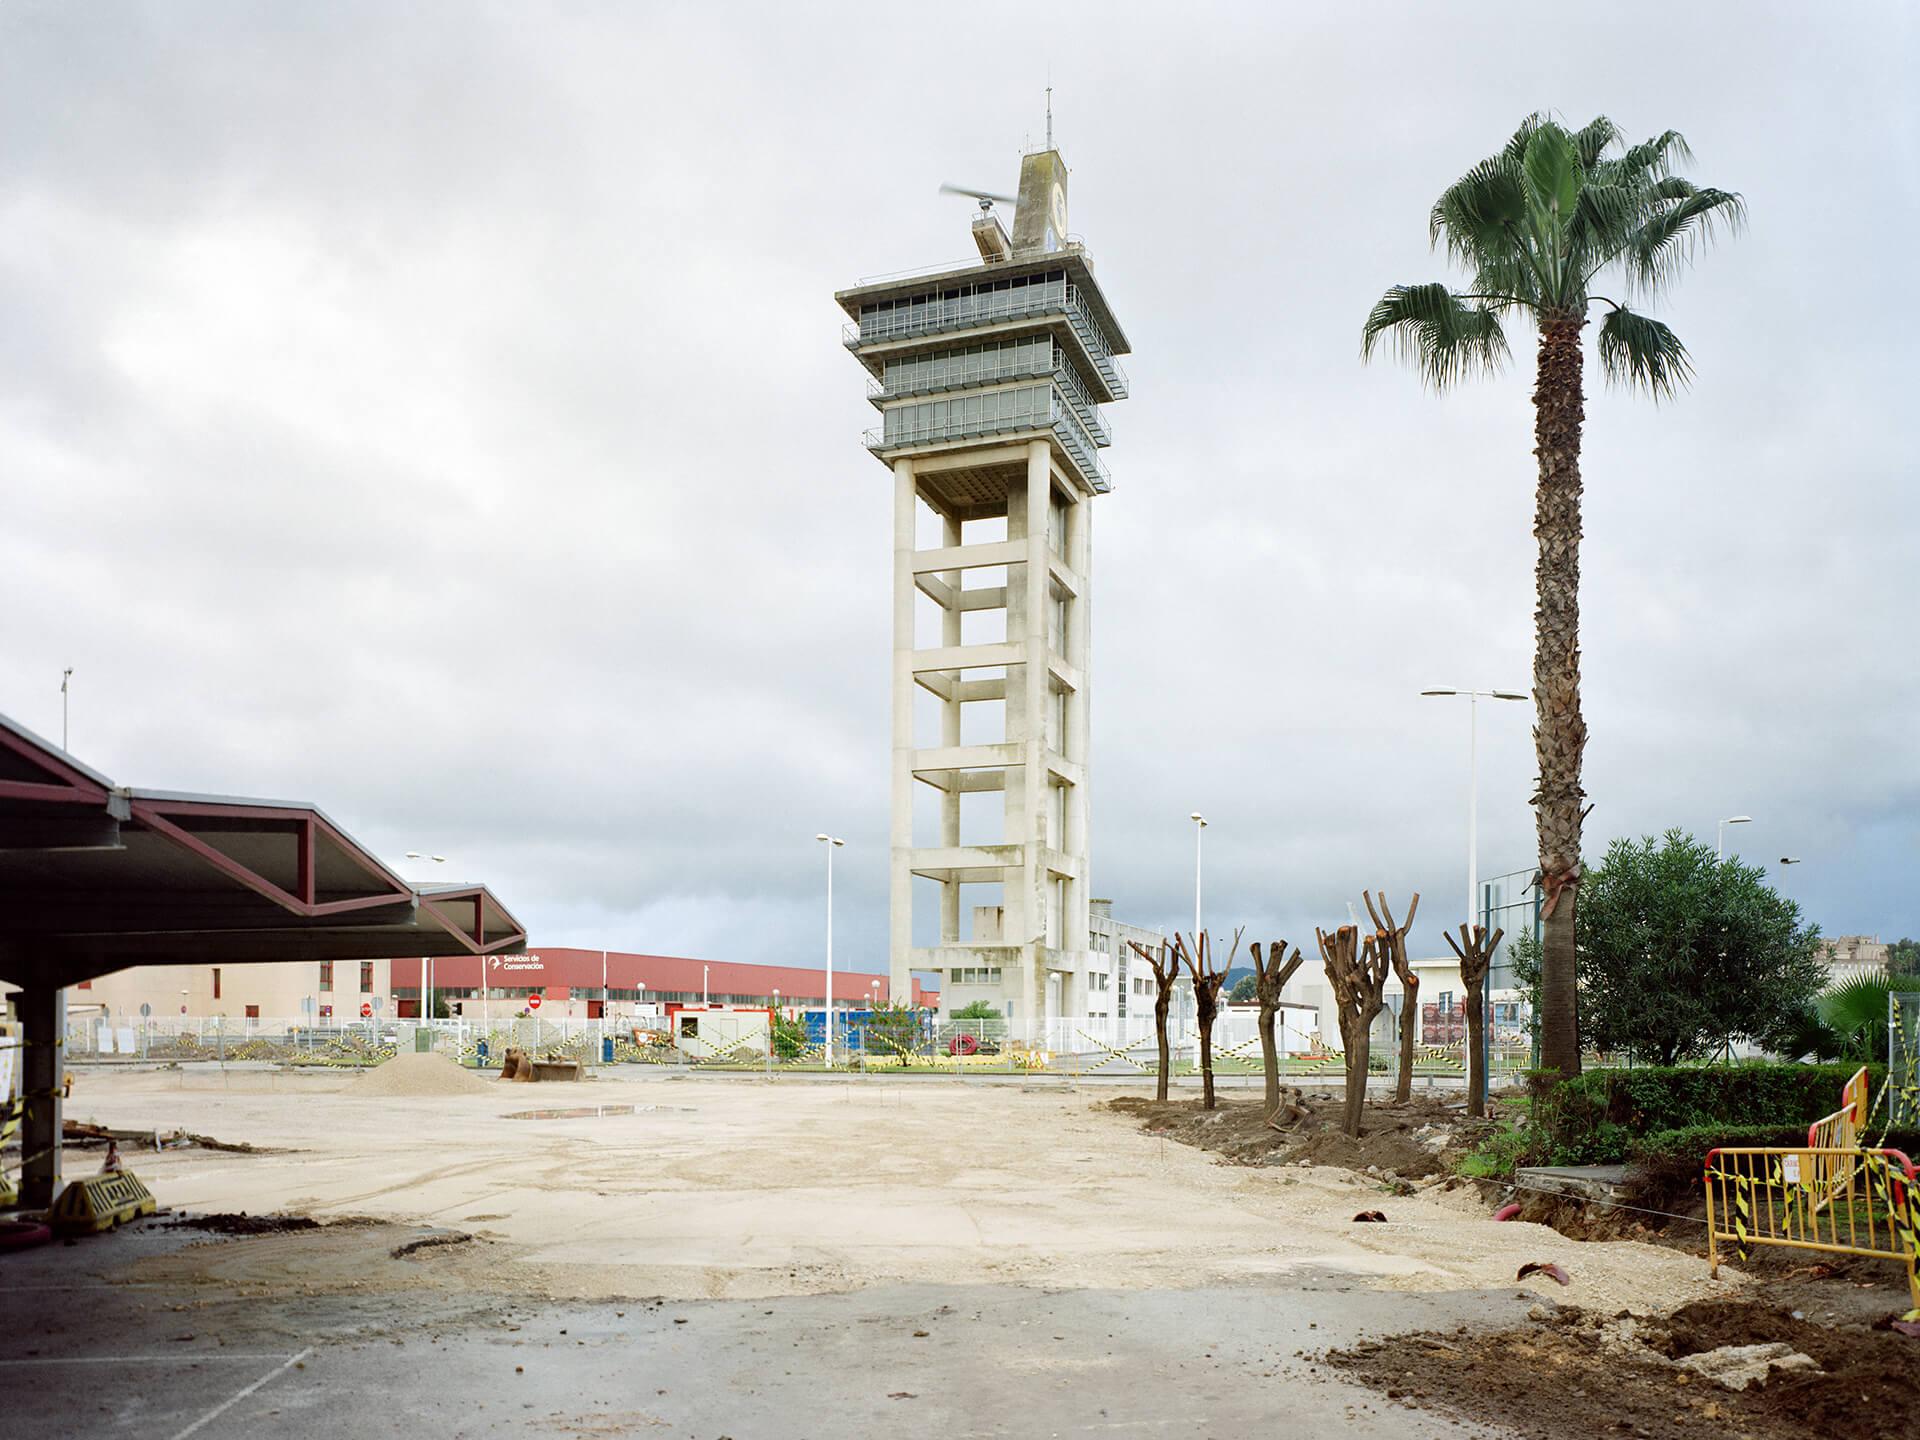 Port industriel d'Algésiras en Espagne.